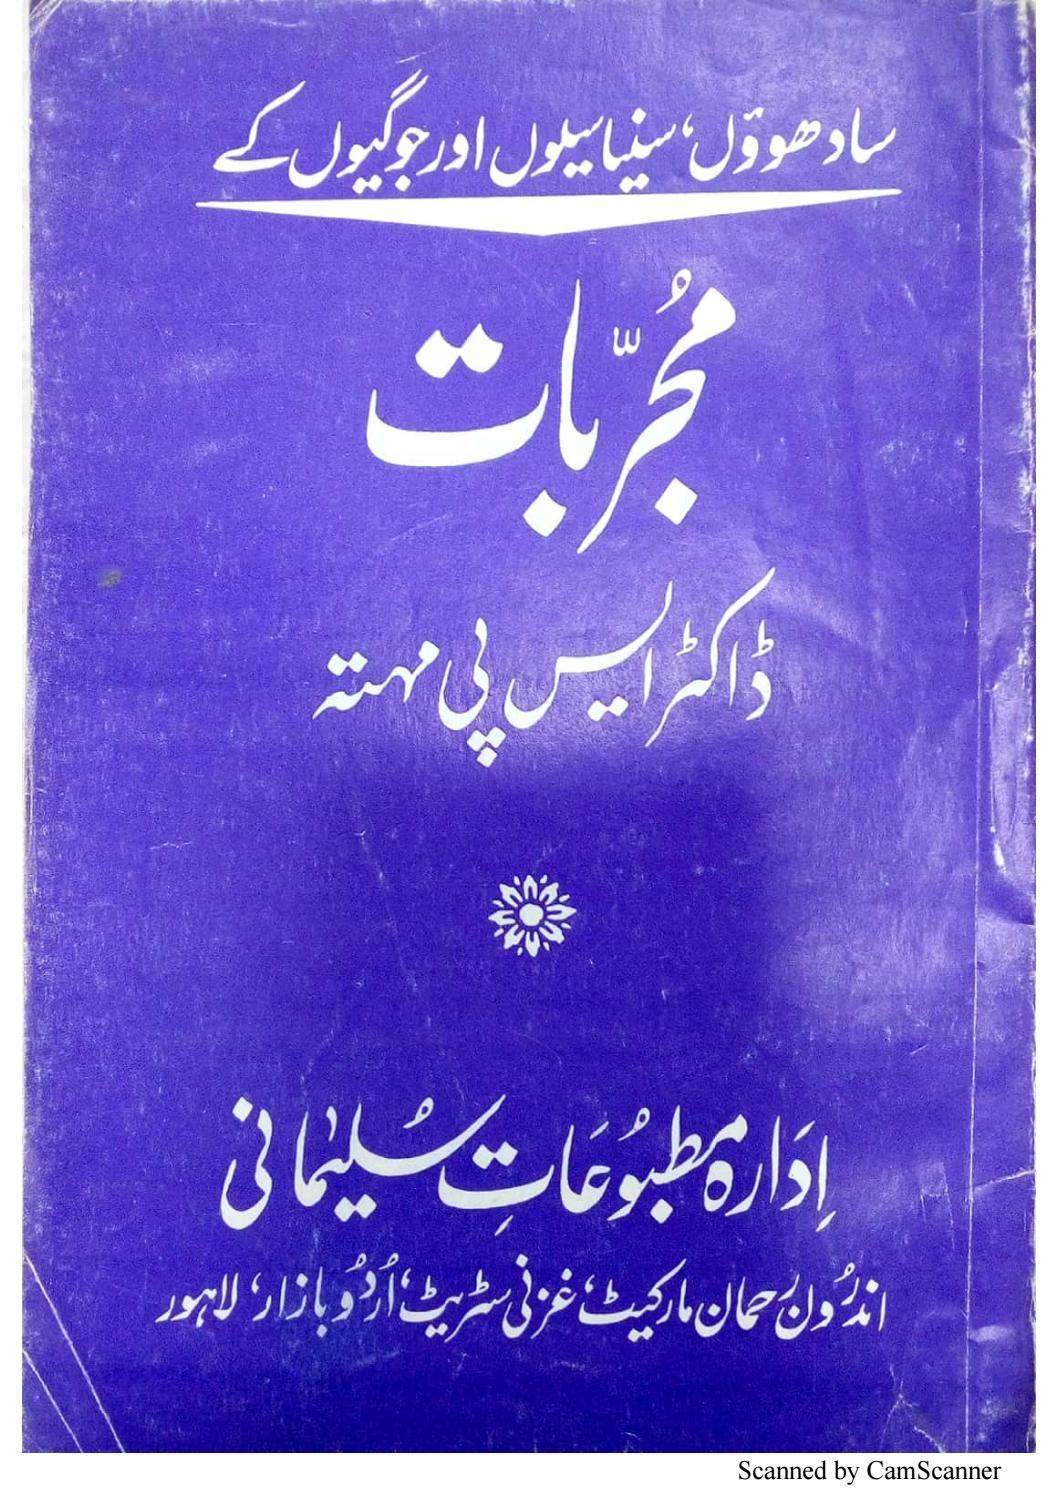 Sadhu sanyasi jogiyon k mujarbaat Free pdf books, Ebooks